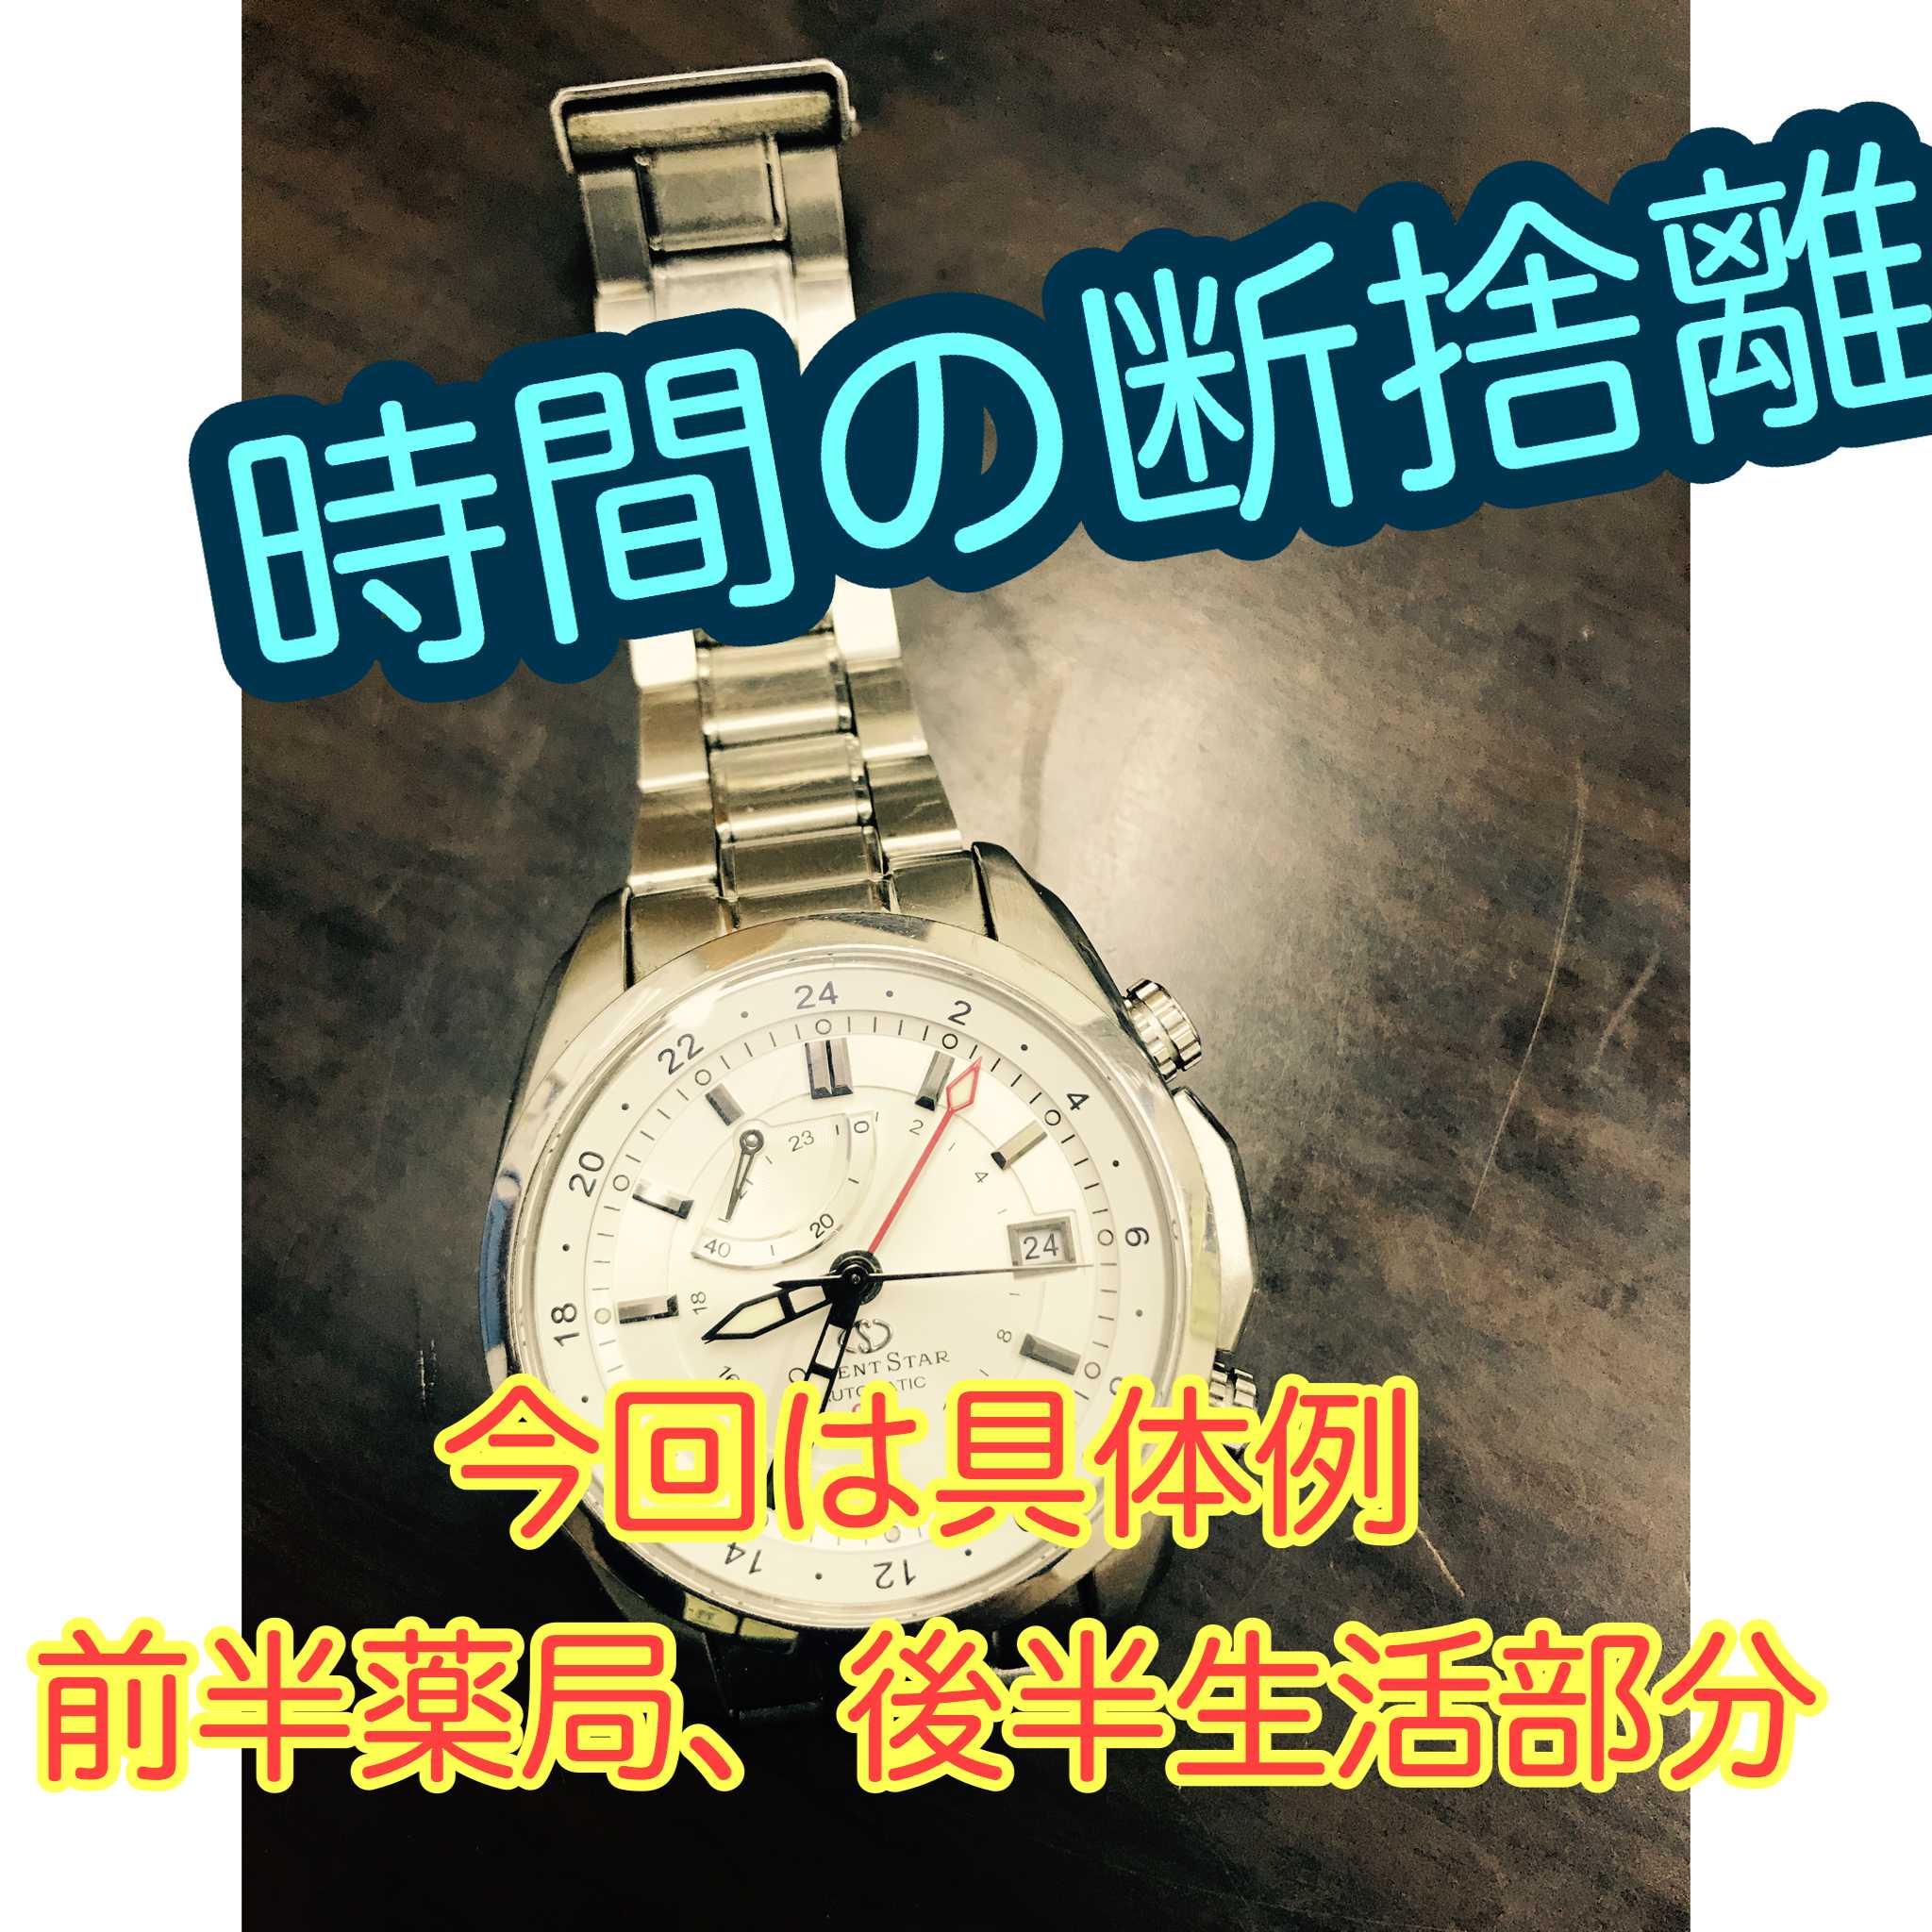 6/24 時短の方法について(前半薬局・後半生活)